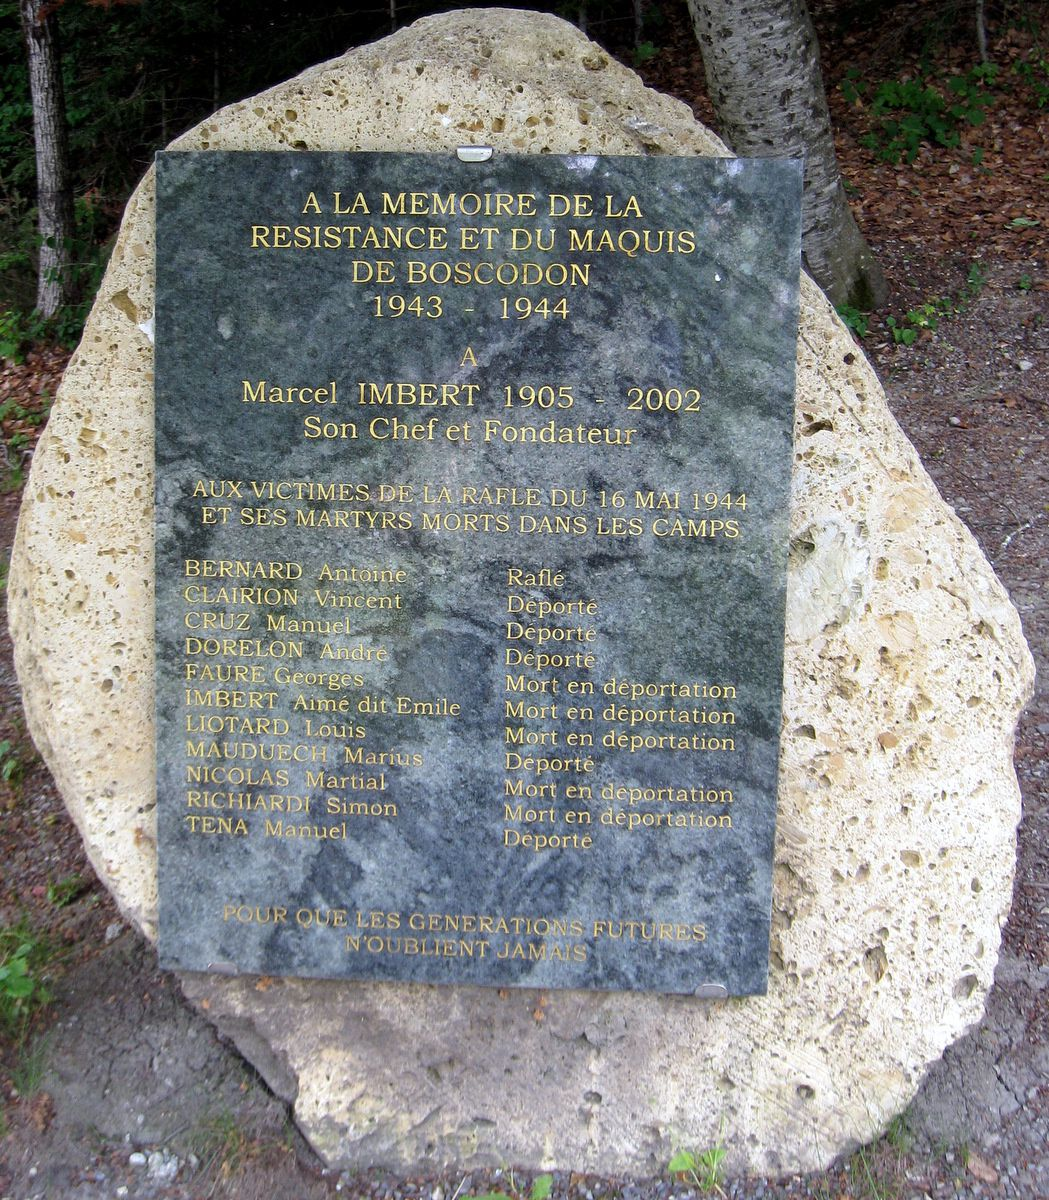 A la mémoire de le résistance et du maquis de Boscodon